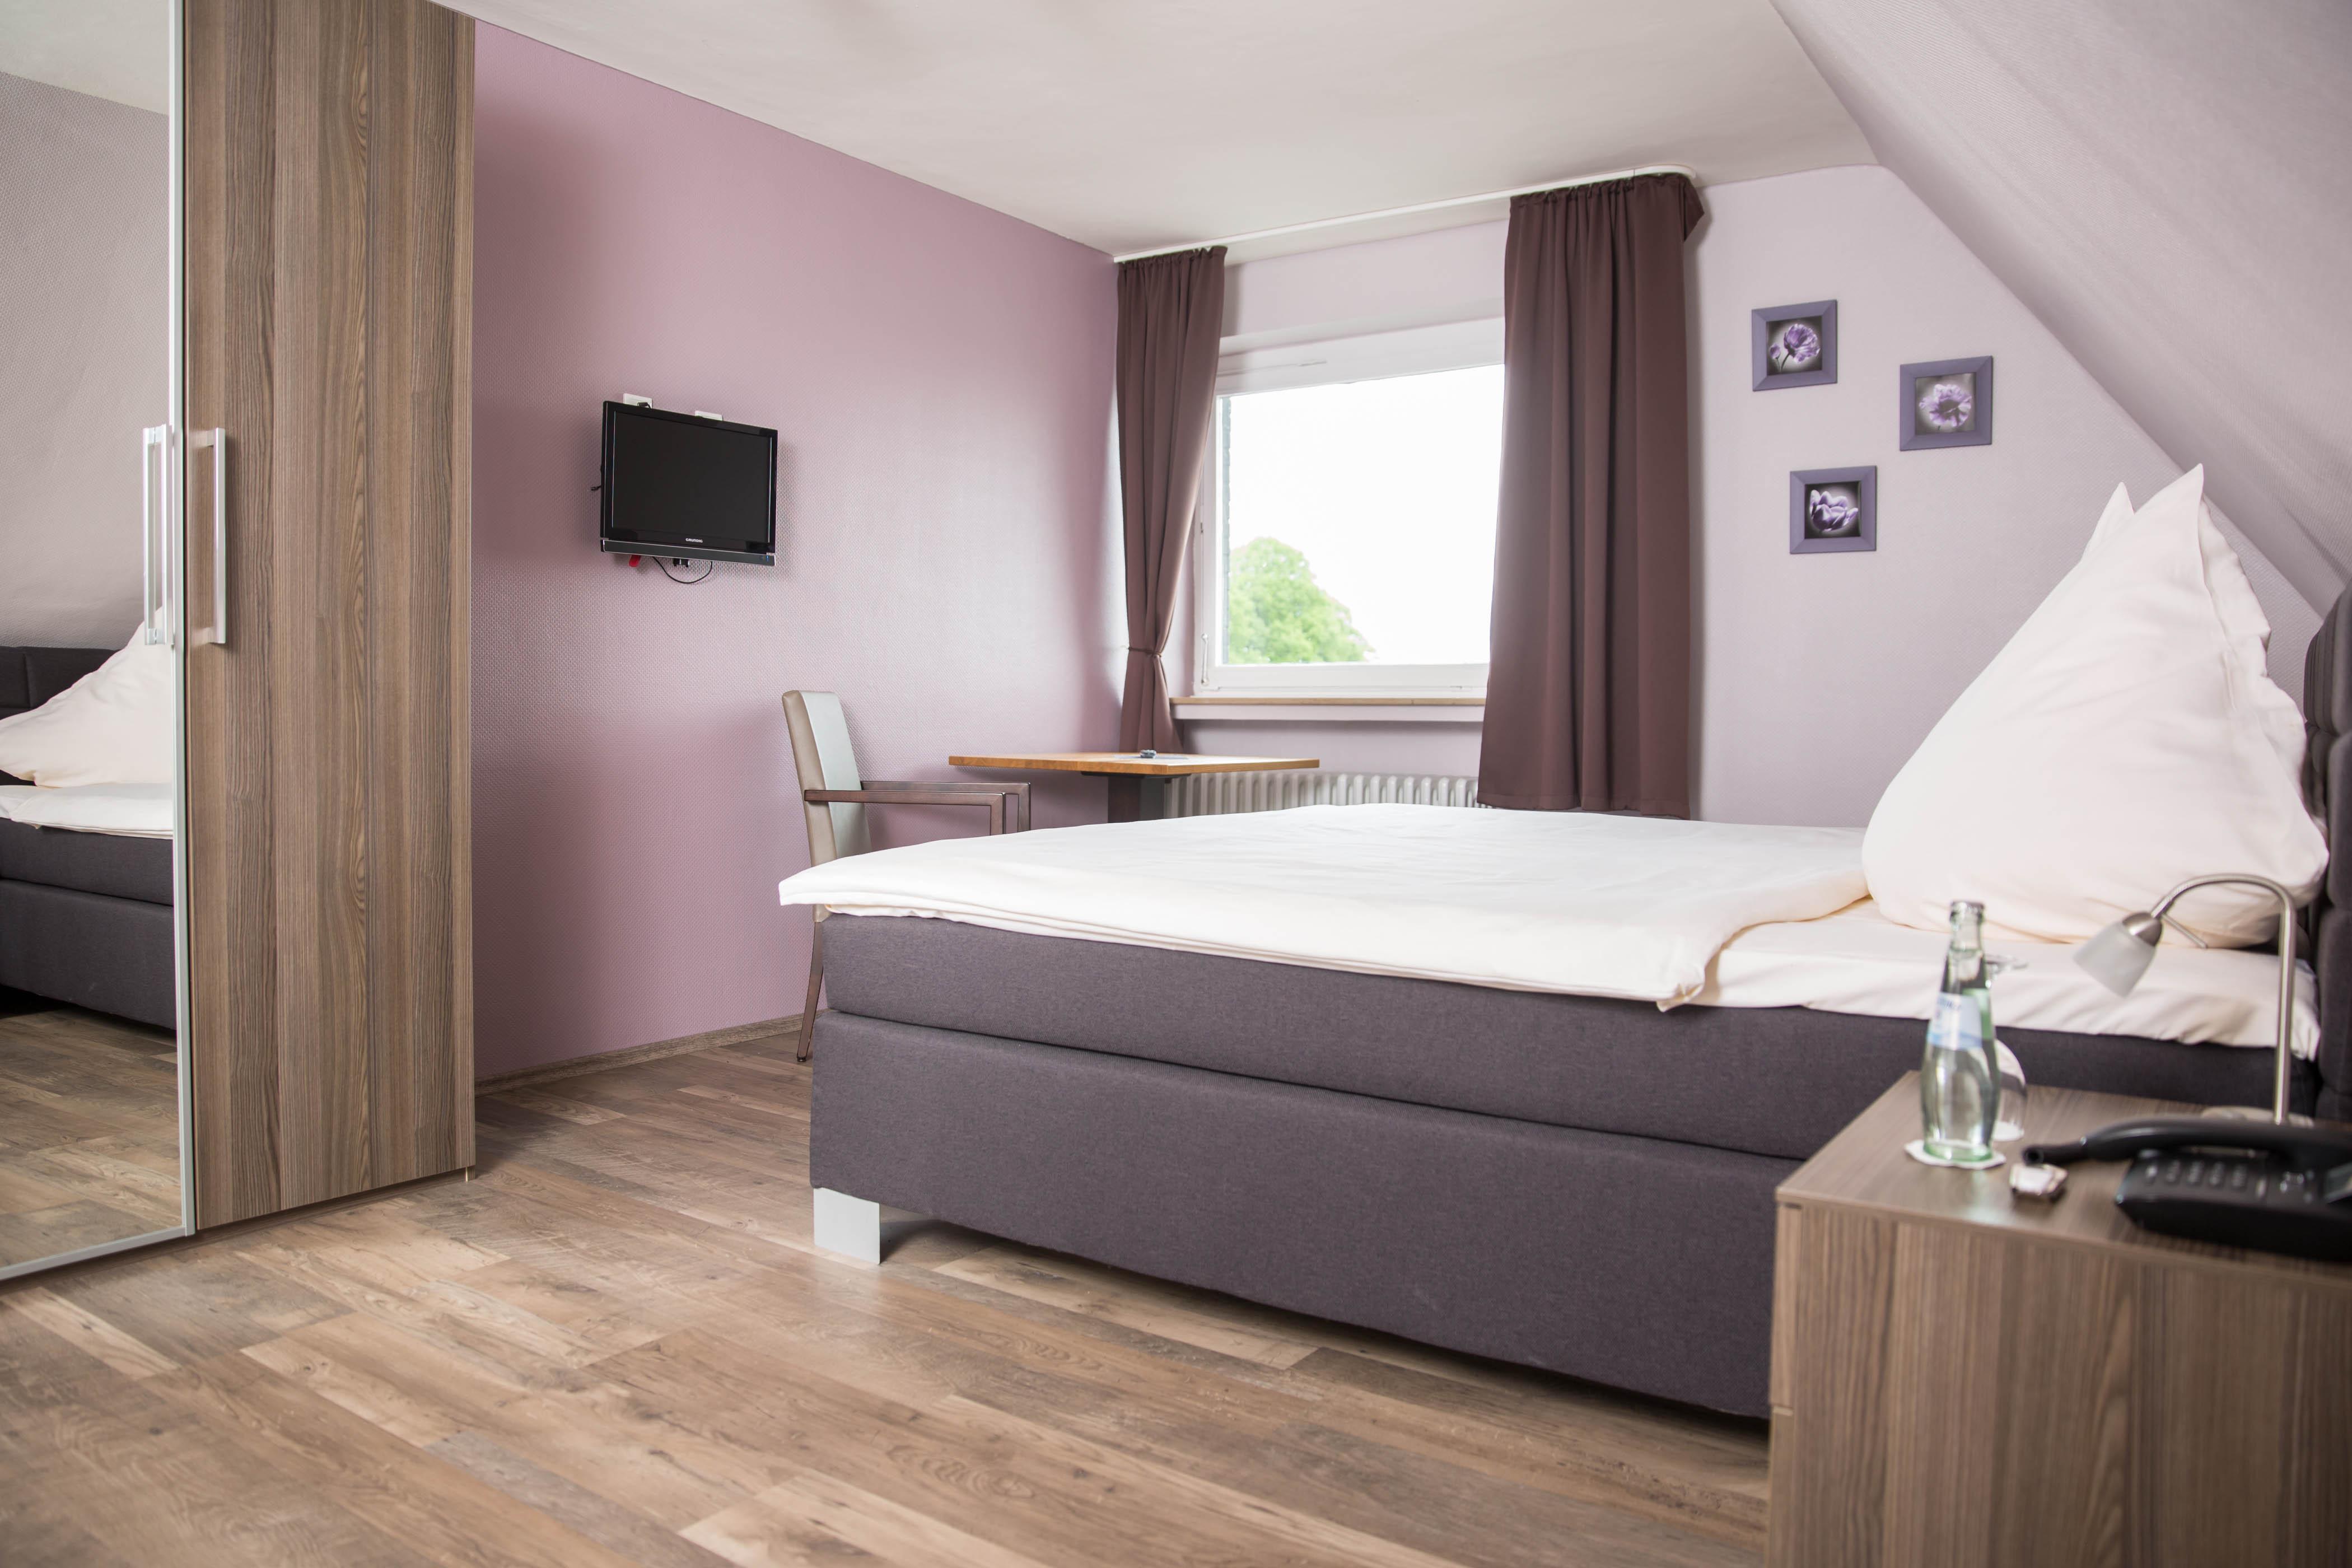 caf s freizeitportal kreis recklinghausen und stadt bottrop. Black Bedroom Furniture Sets. Home Design Ideas